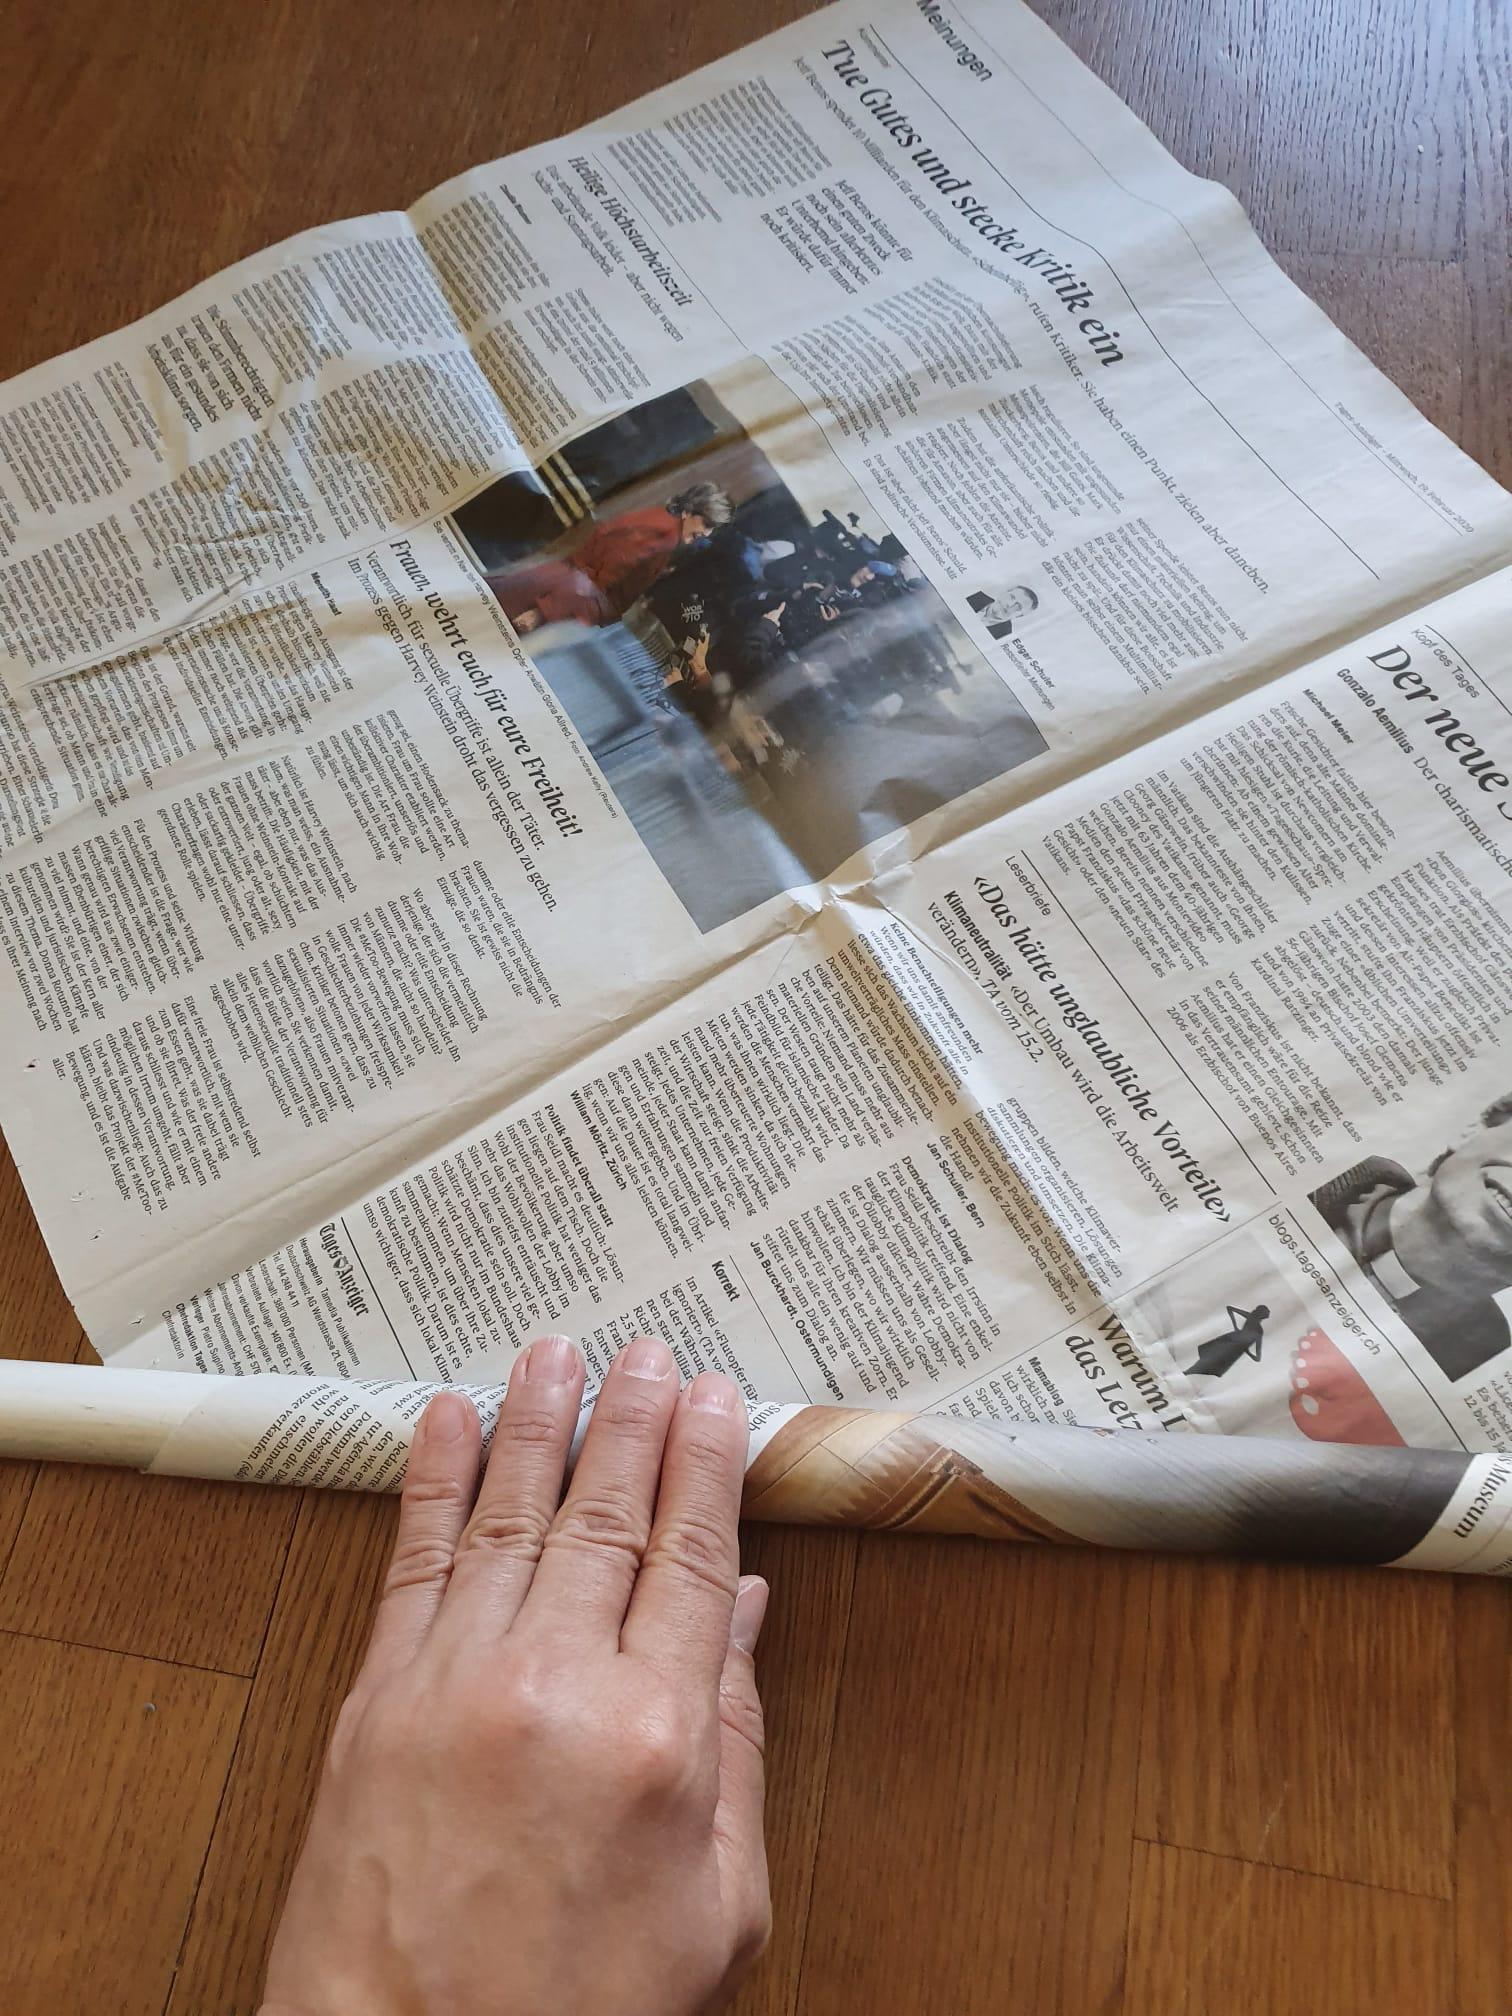 Dann rollst du die Zeitung mit dem Stab auf. Ein wenig drücken, satt aufrollen.